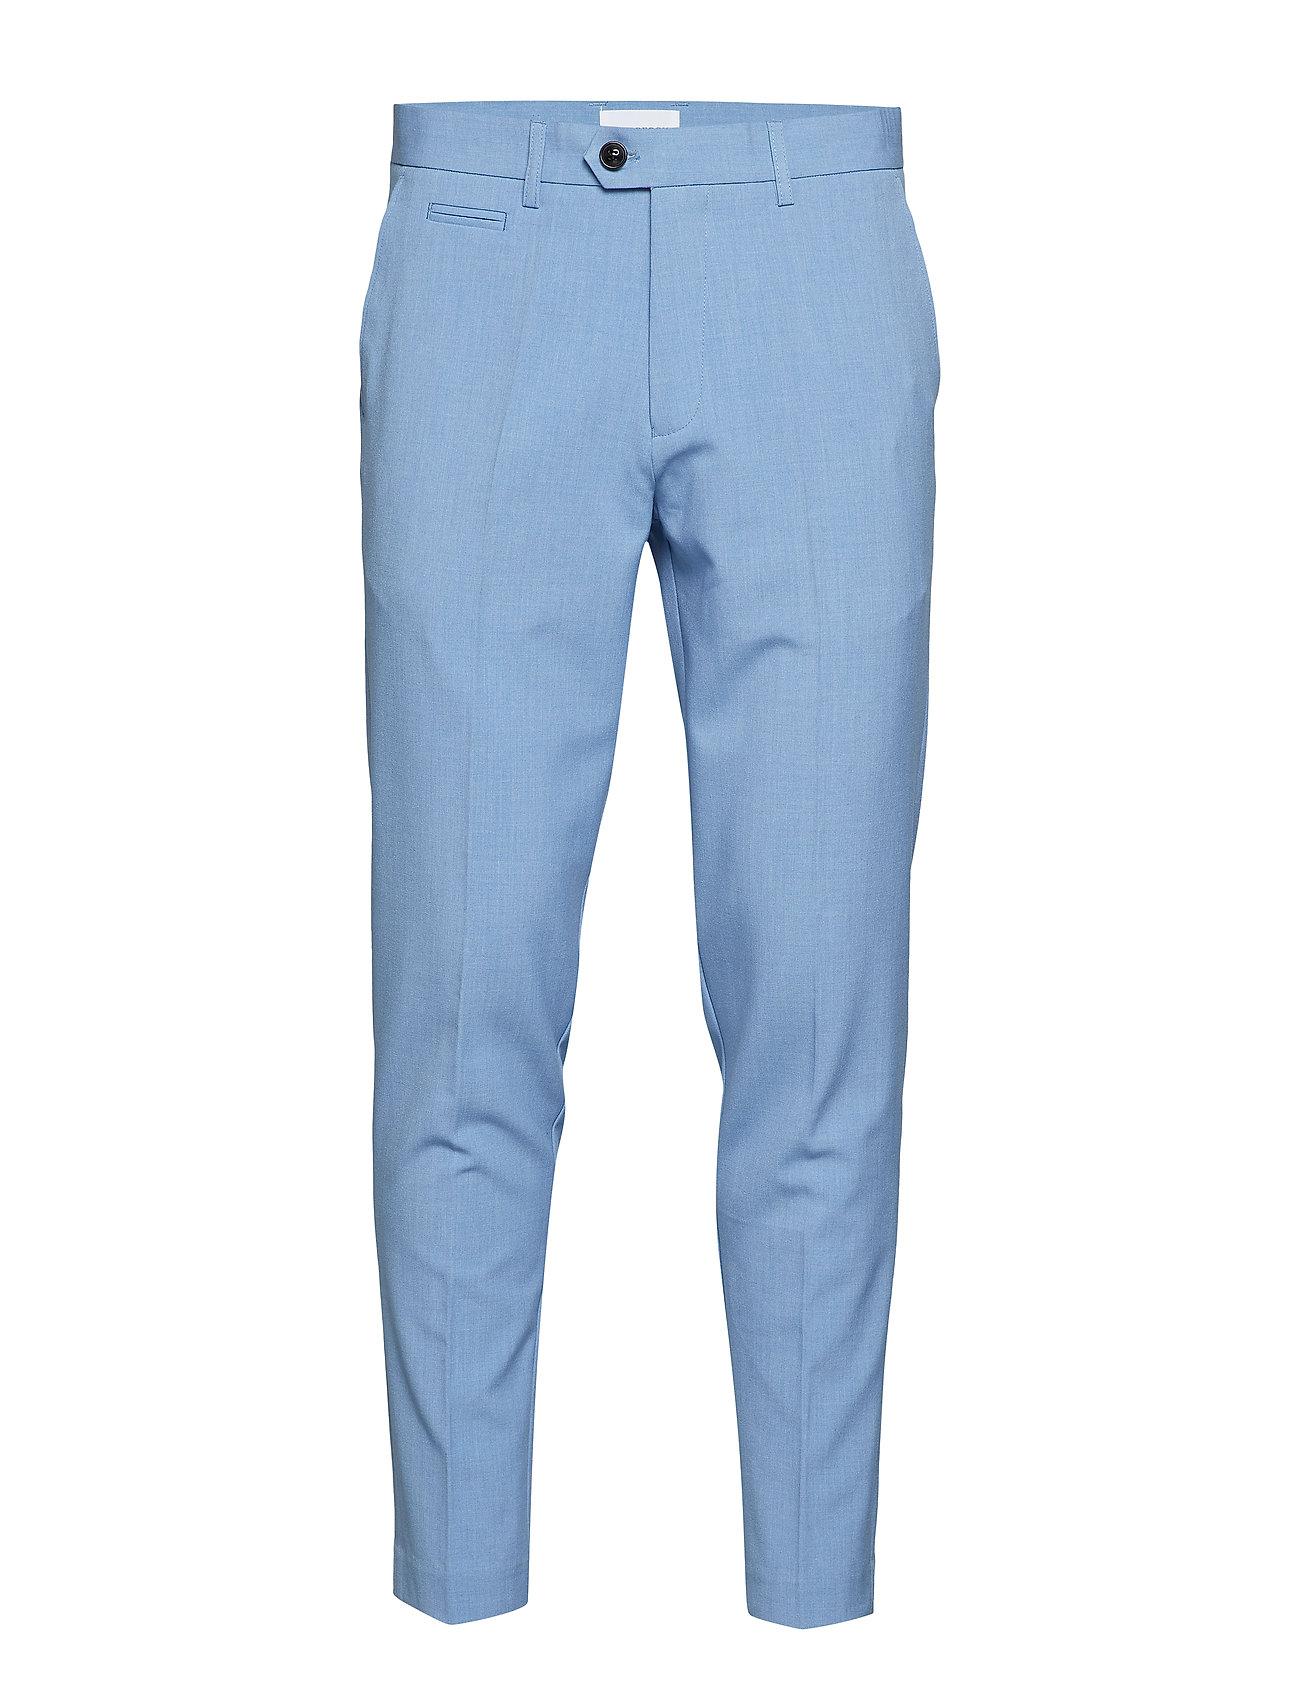 Lindbergh Club pants - LT BLUE MIX